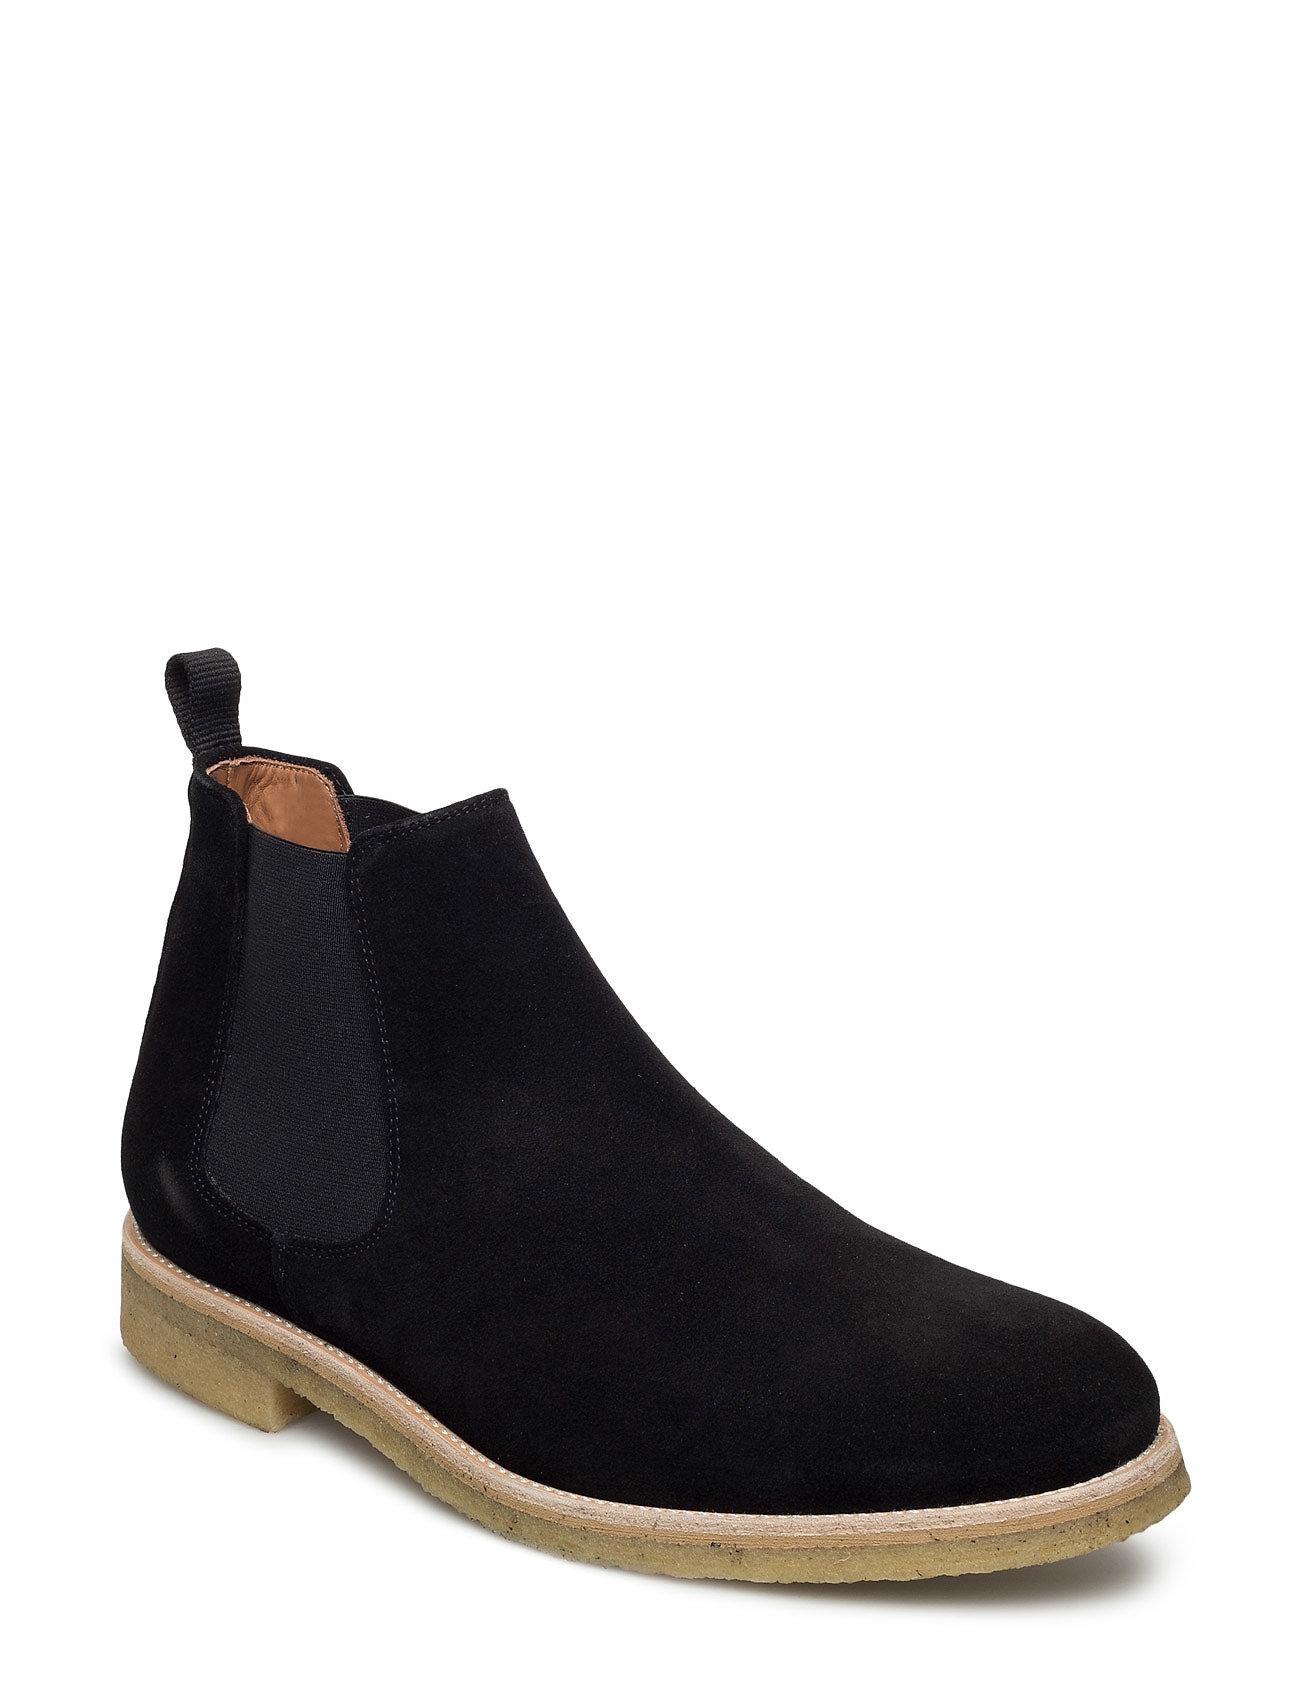 Chelsea Boot Garment Project Støvler til Herrer i Sort